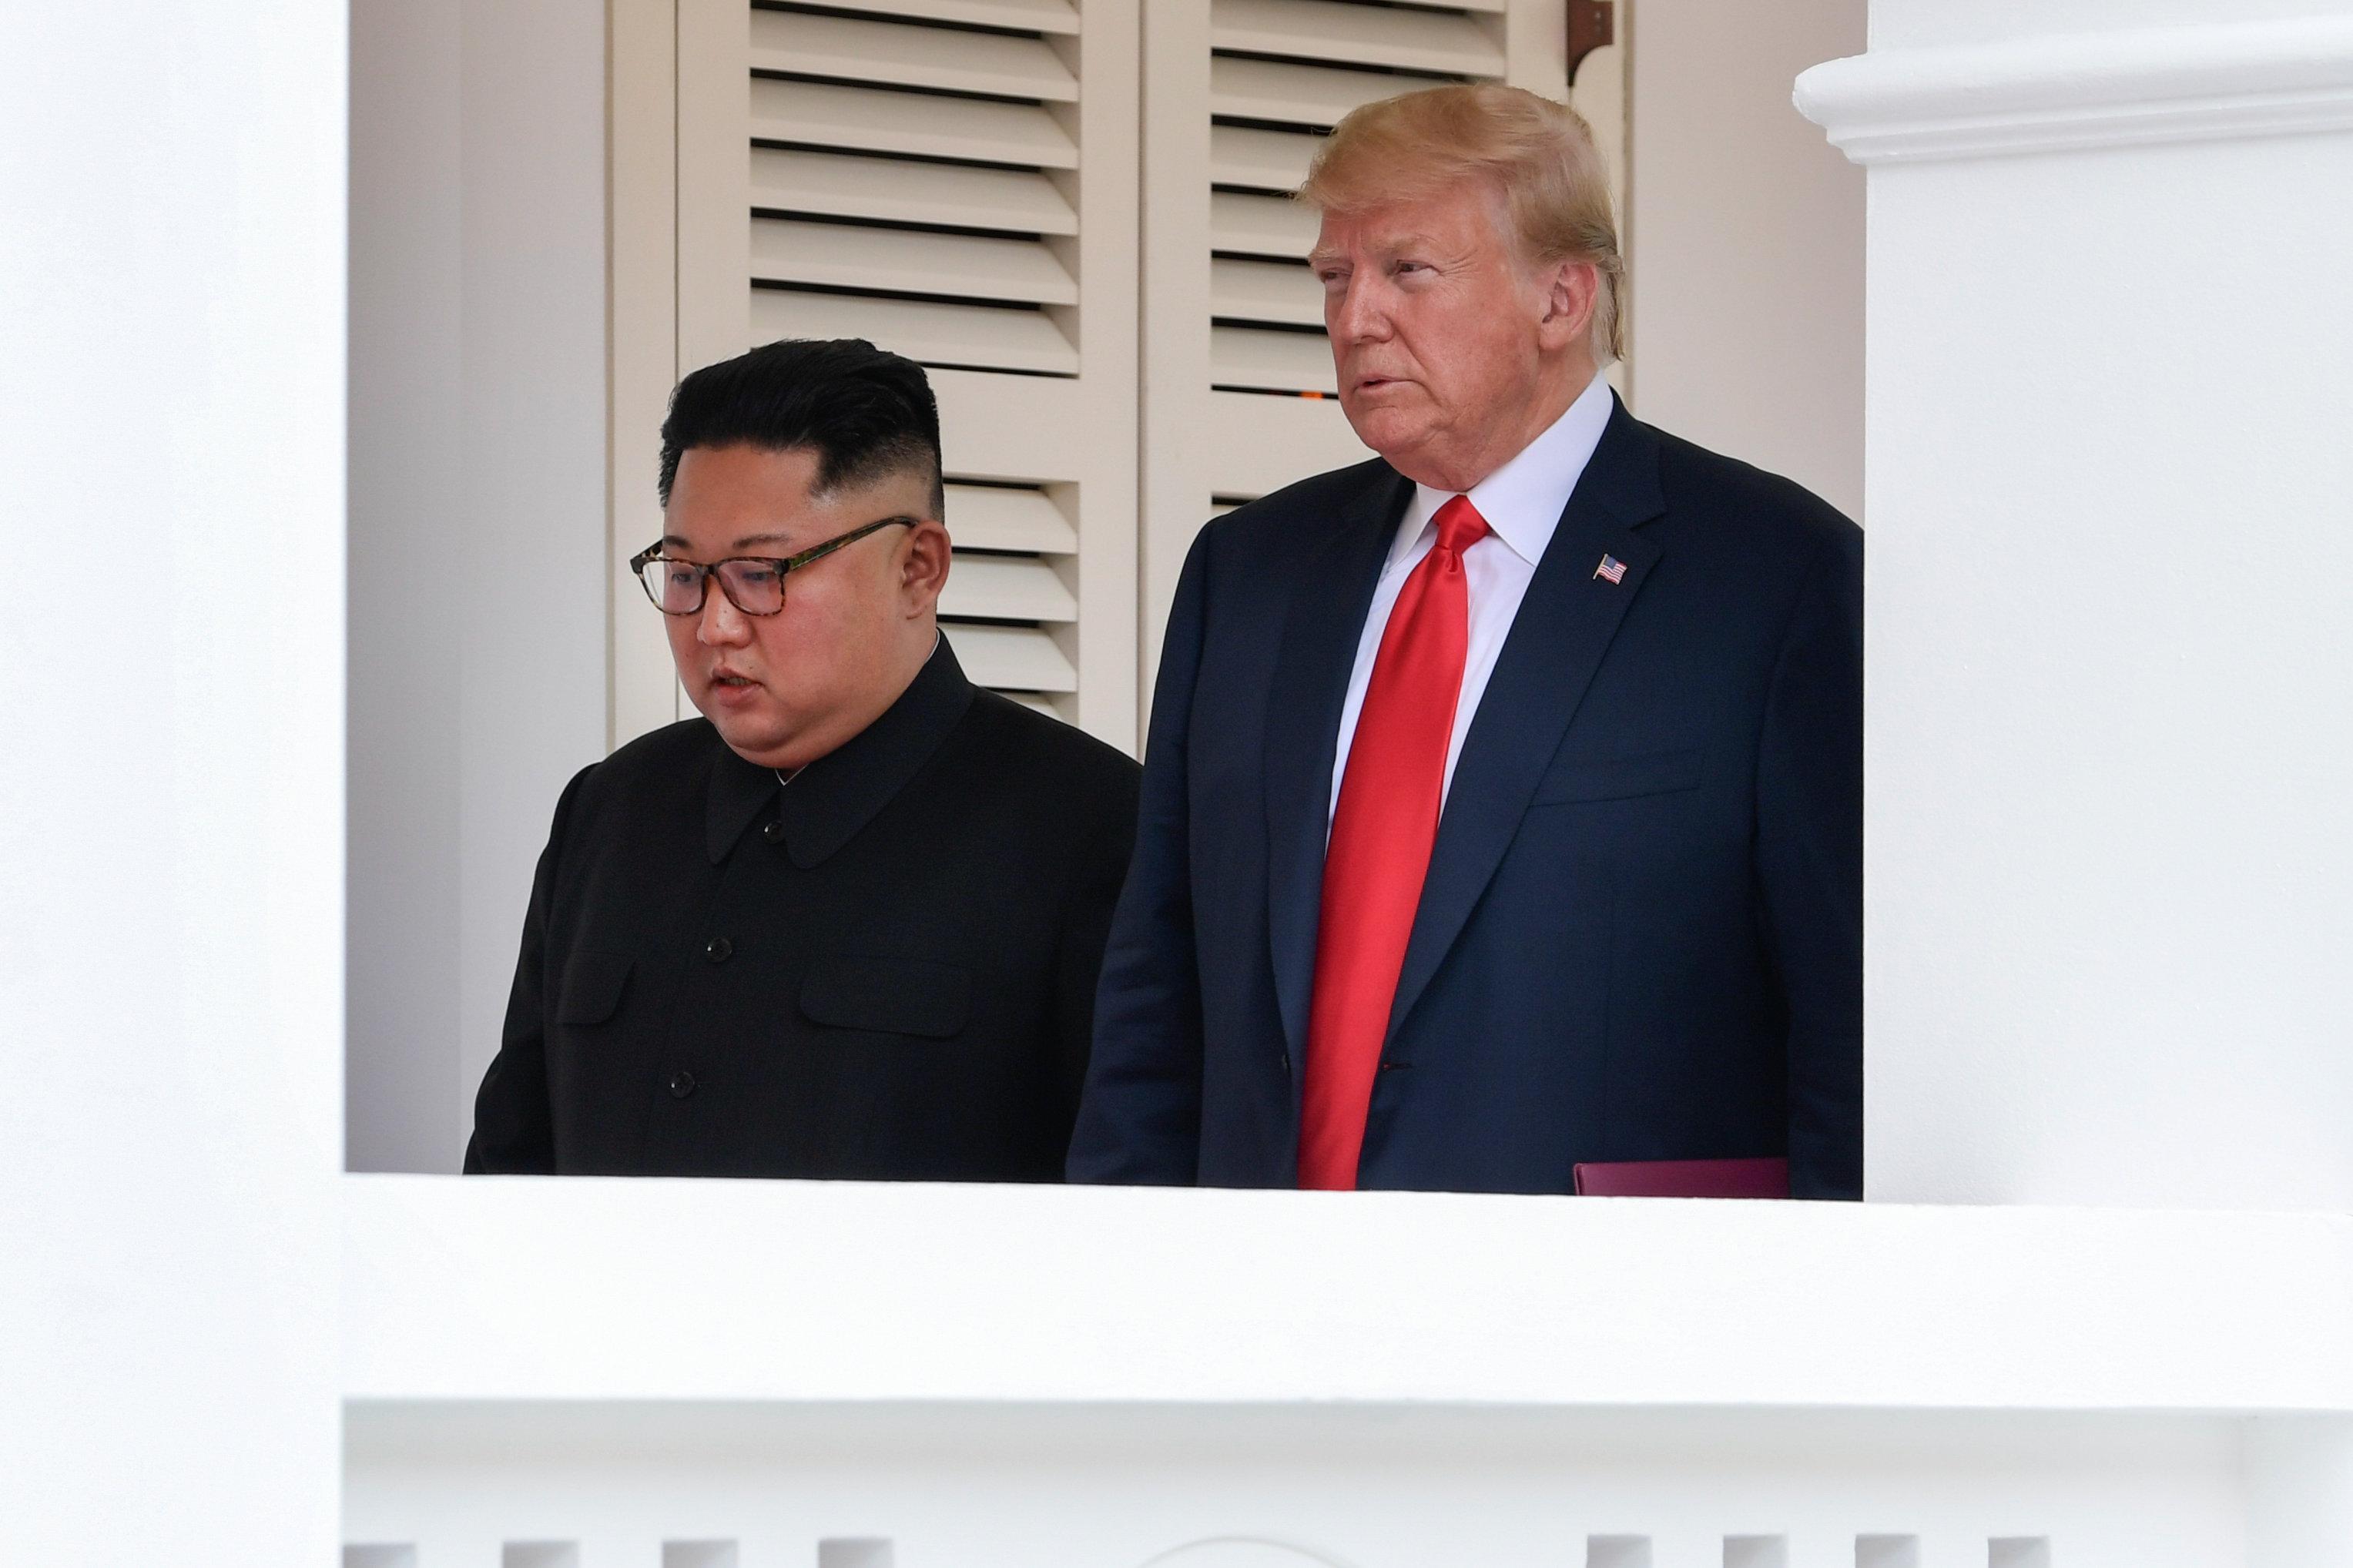 Οι Νοτιοκορεάτες σταματούν για μια ματιά στη σύνοδο κορυφής ΗΠΑ-Βόρειας Κορέας